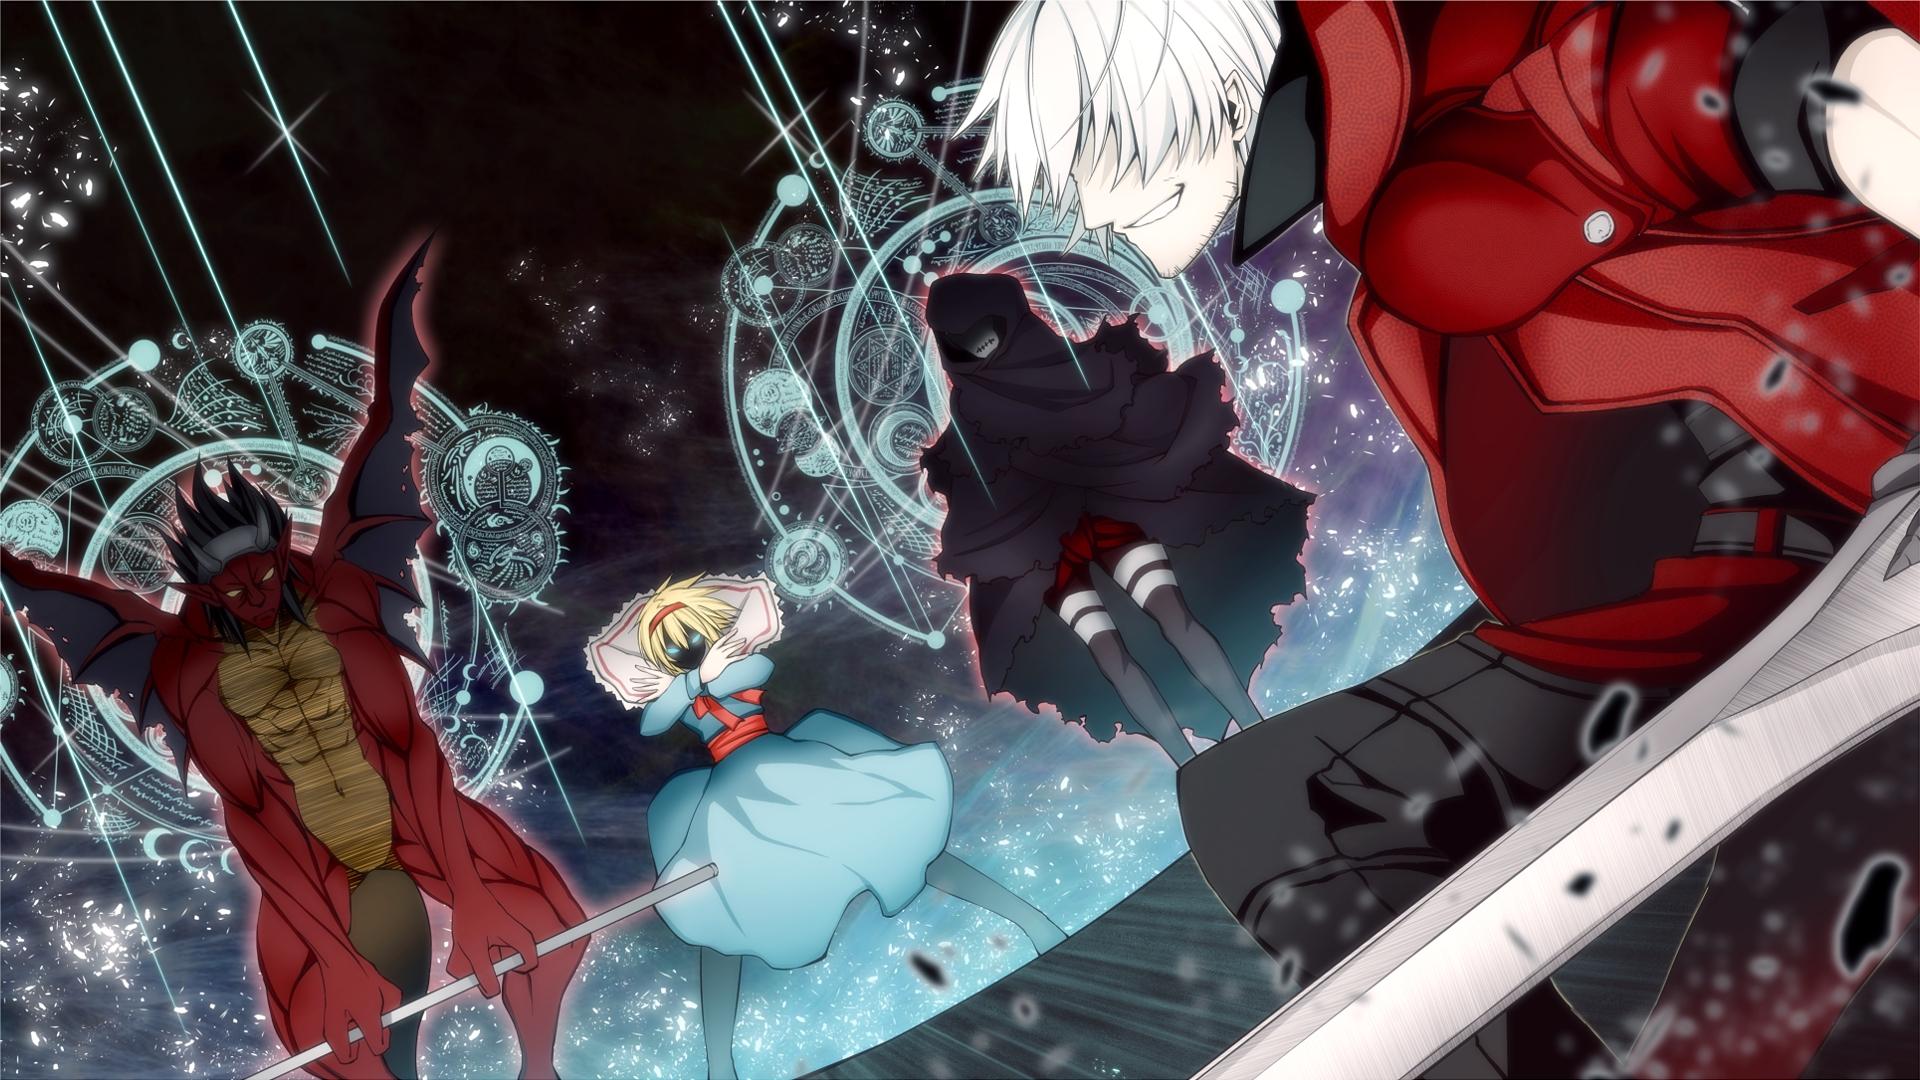 Image Result For Anime Wallpaper Psa